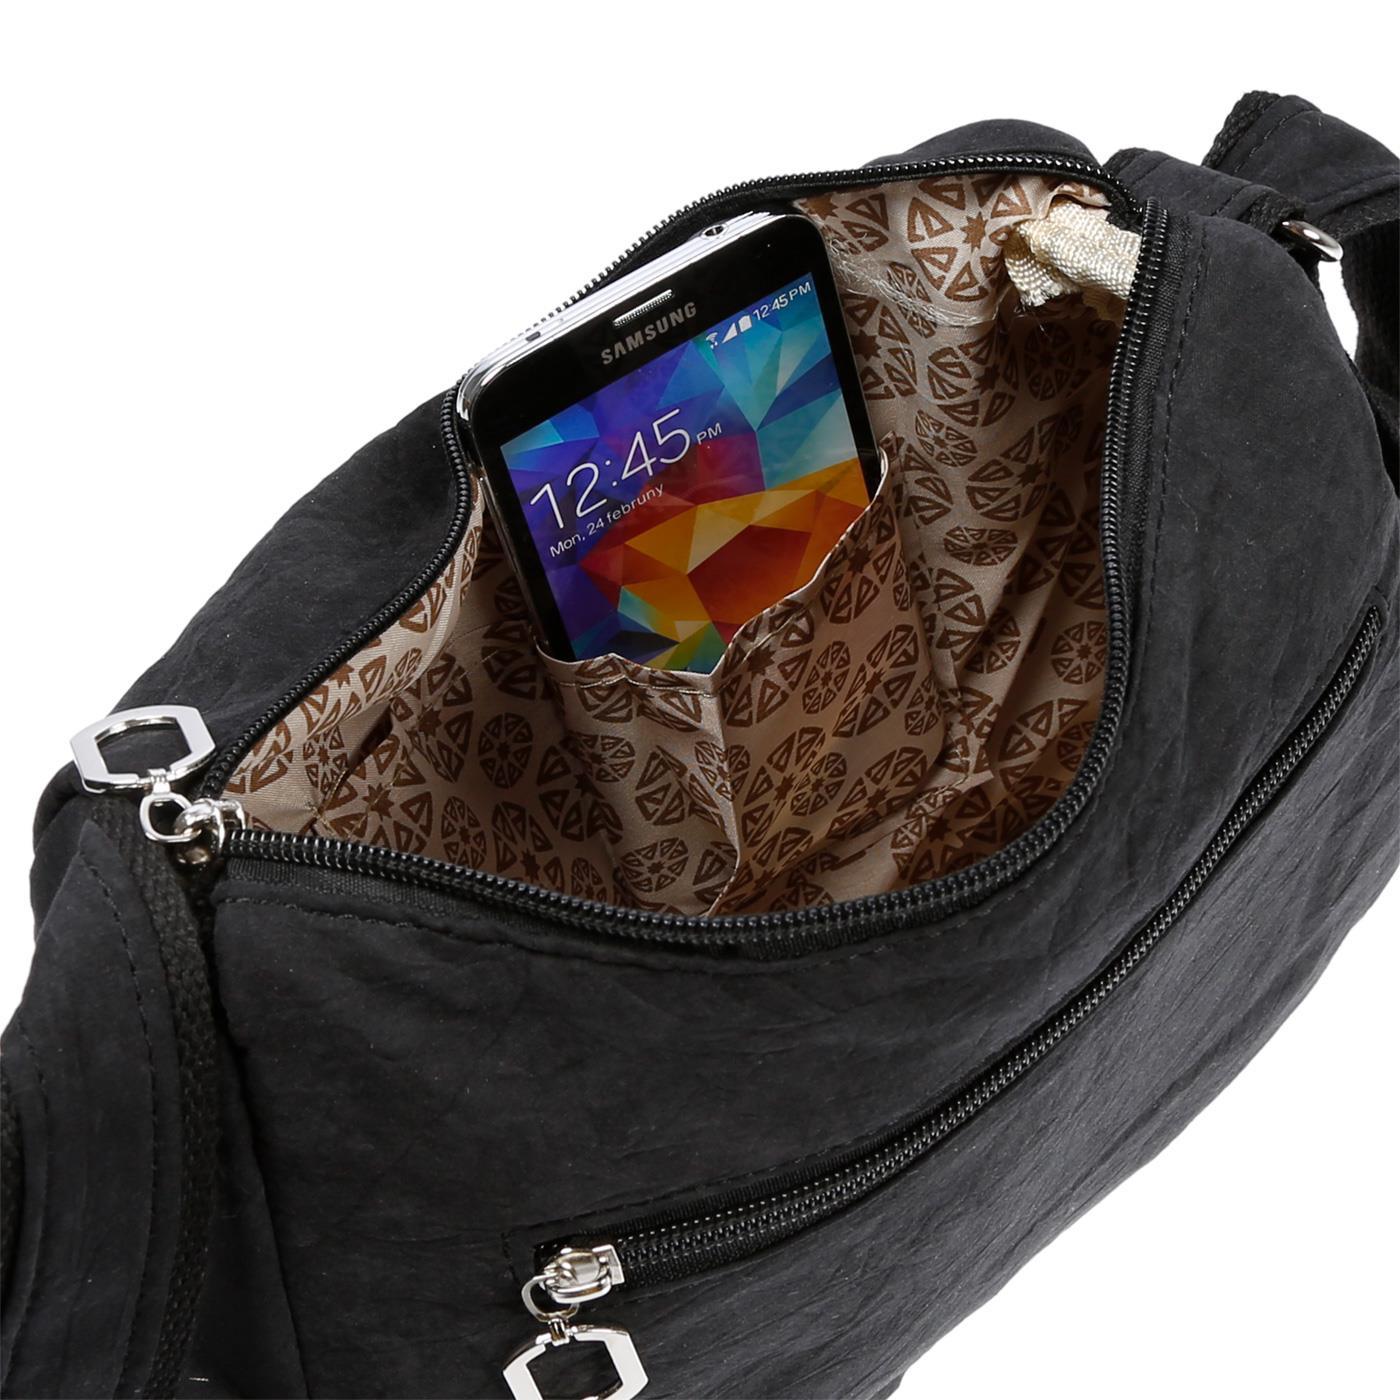 Damenhandtasche-Schultertasche-Tasche-Umhaengetasche-Canvas-Shopper-Crossover-Bag Indexbild 7